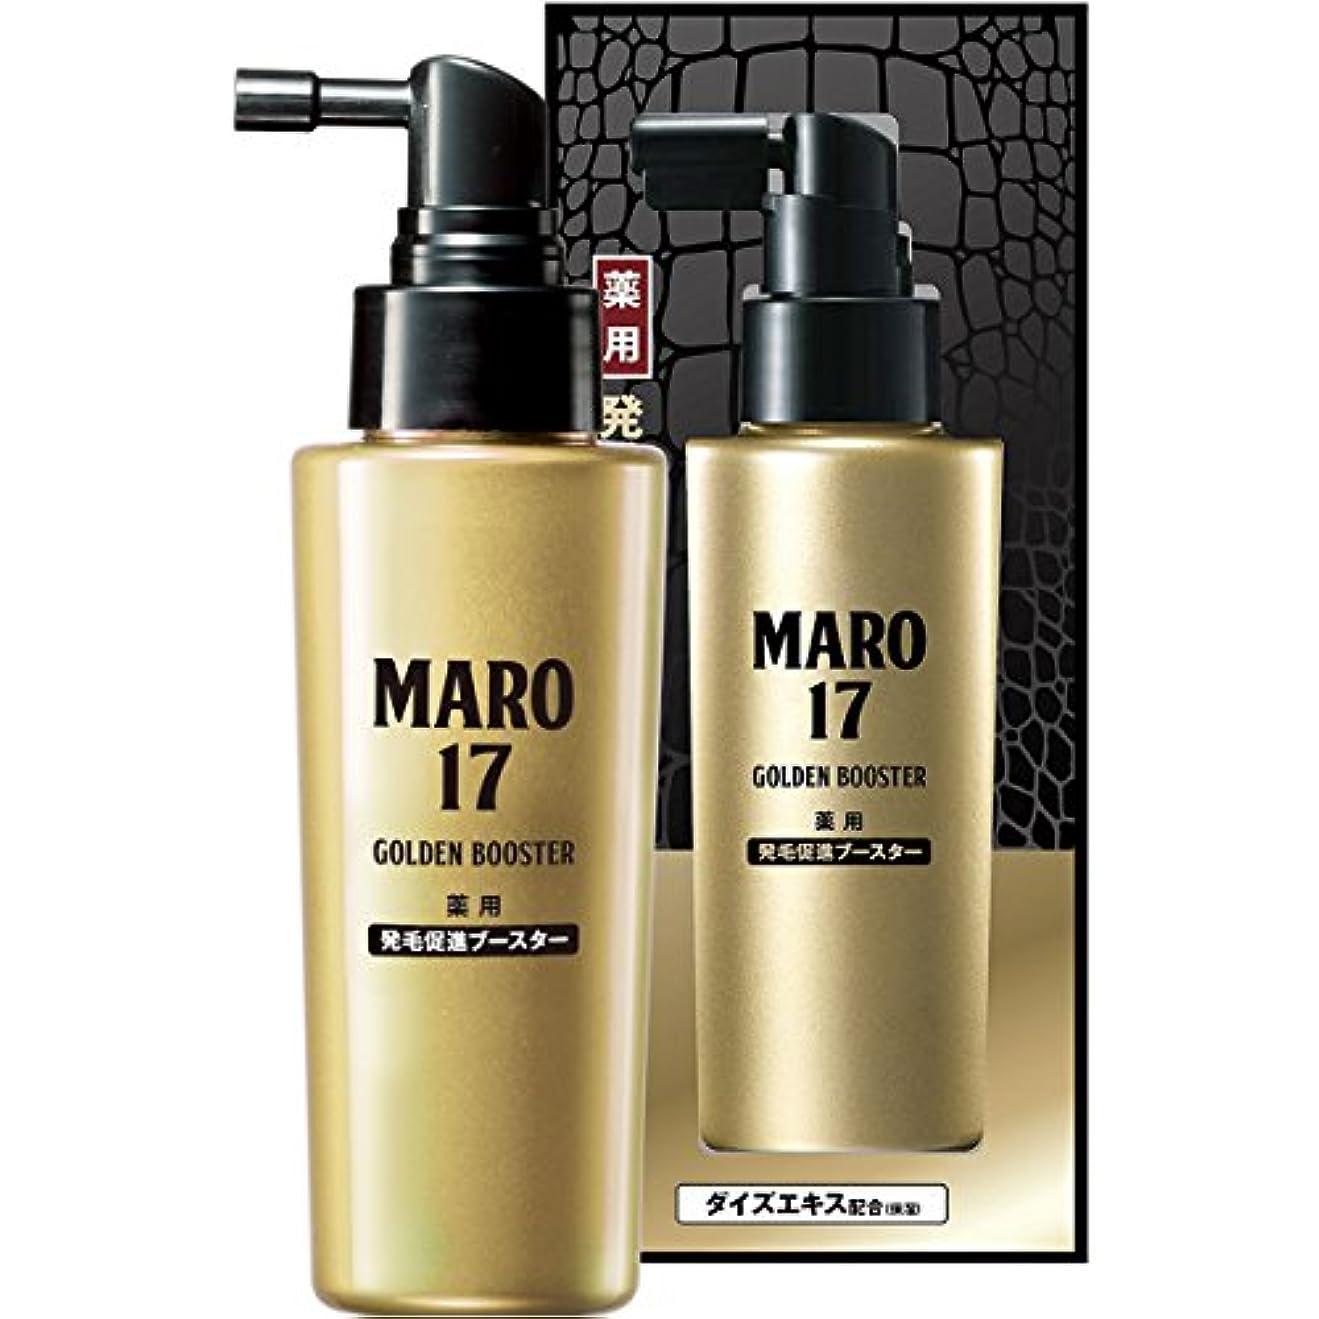 フェザー弾力性のある追放するMARO17 薬用 発毛促進ブースター 100ml (約1ヶ月分)【医薬部外品】